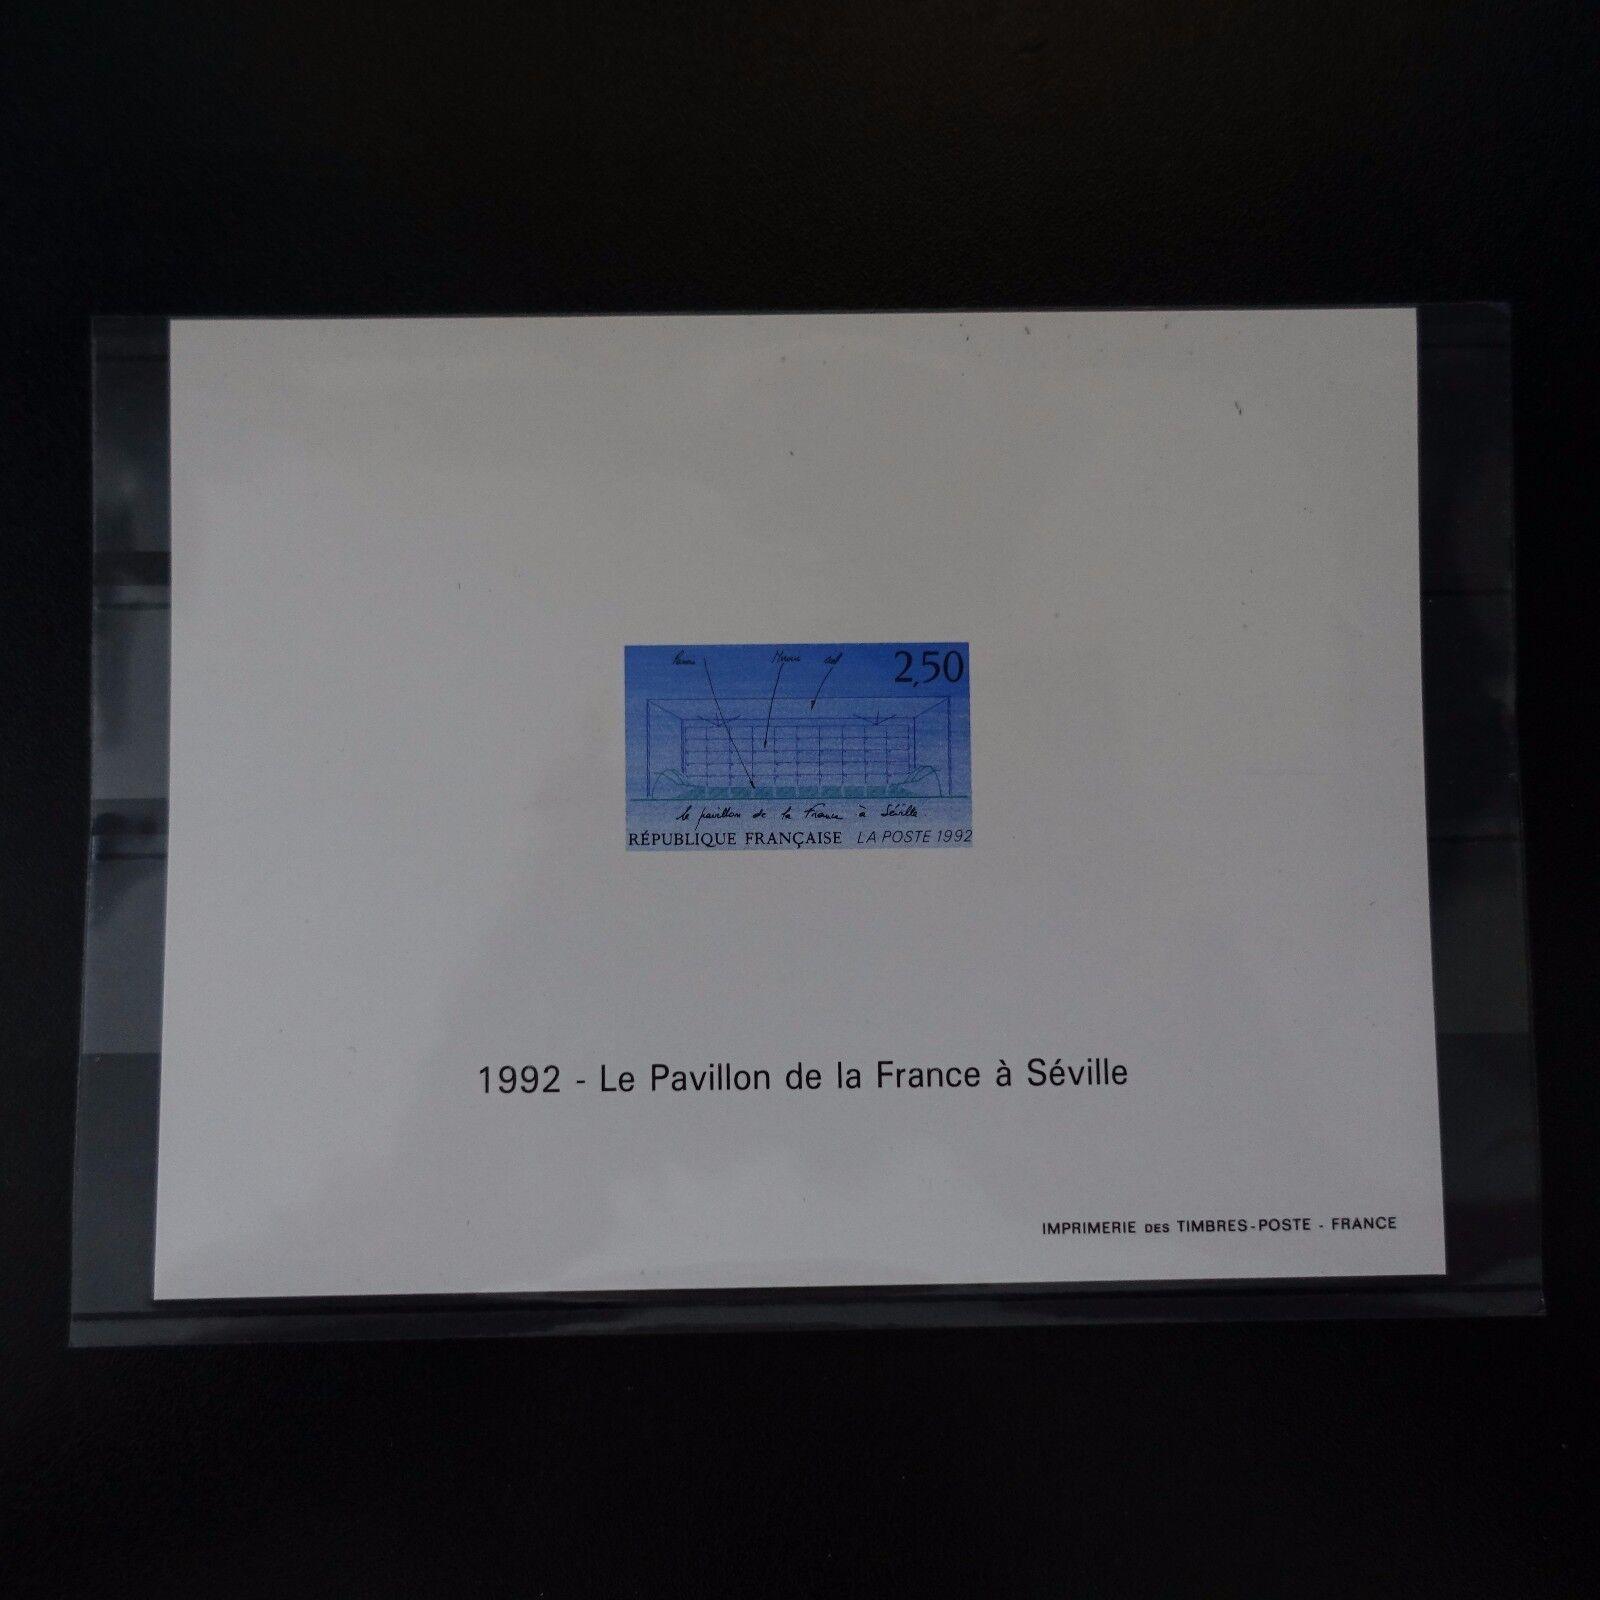 Épreuve Block Gummiert Nr. 2736 Ausstellung Seville 1992 Briefmarke Non Dentelé